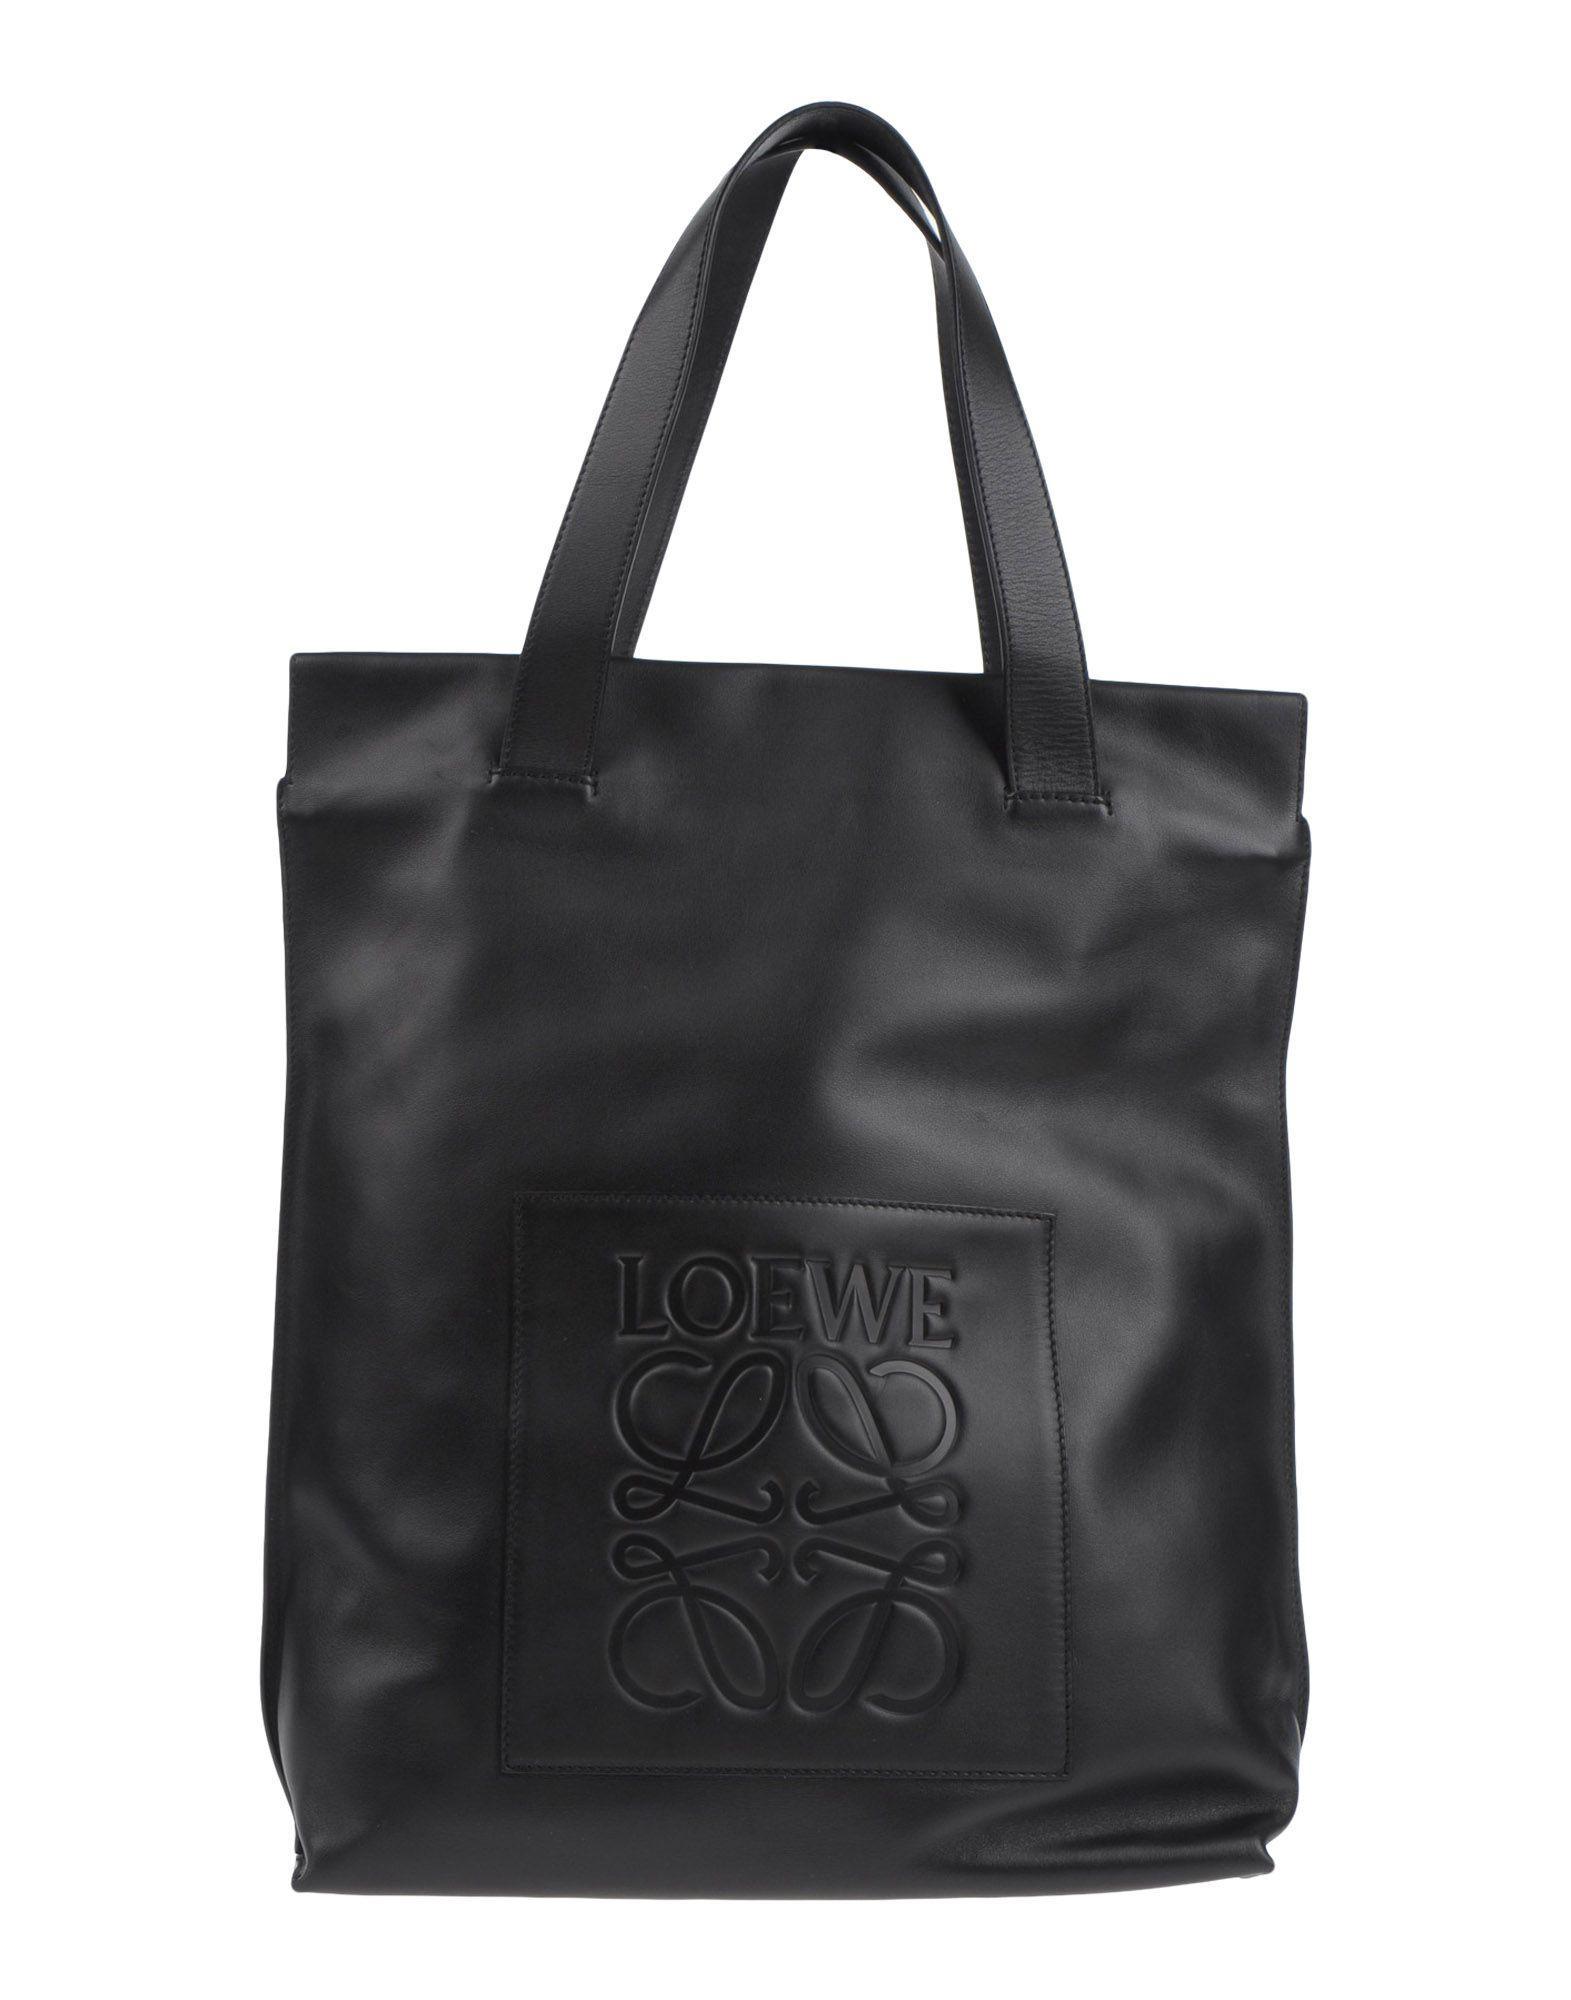 Loewe Handbags In Black